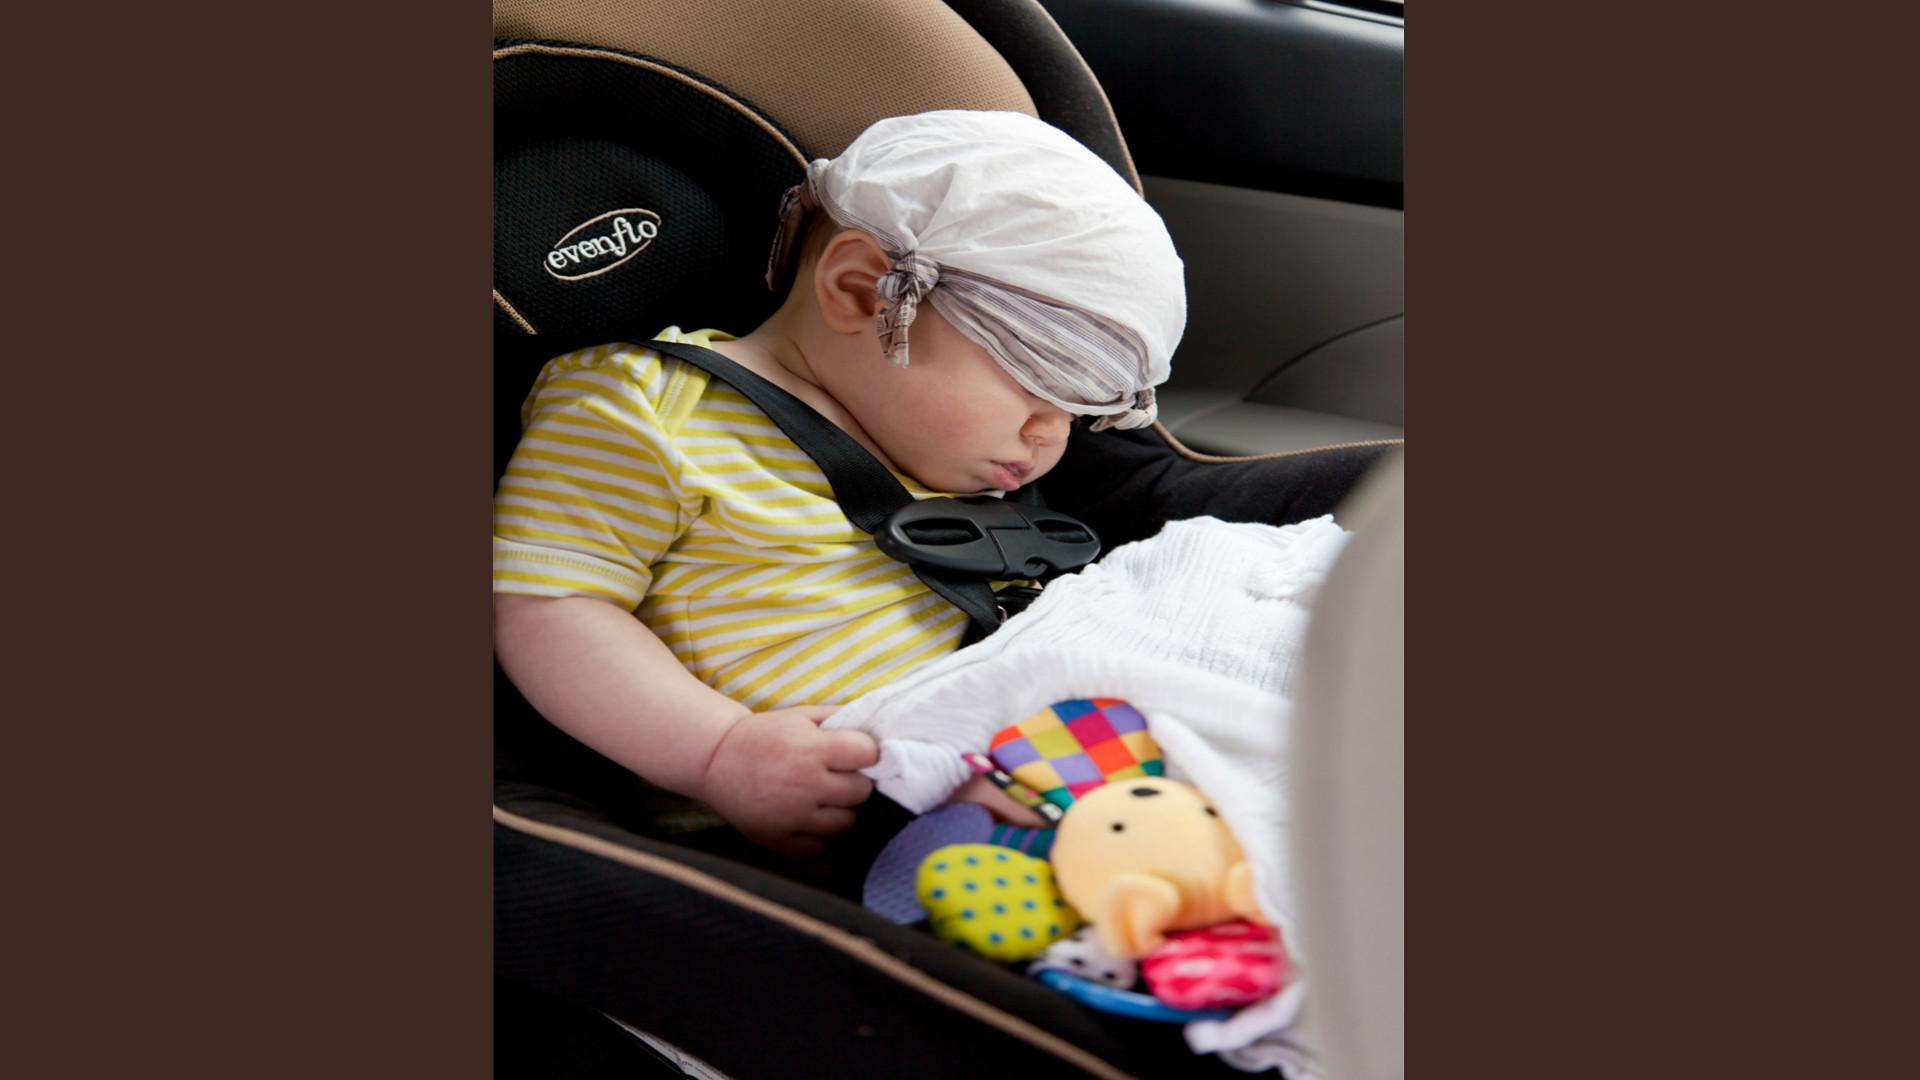 En el coche los niños deben ir sentados detrás del asiento del copiloto 1920